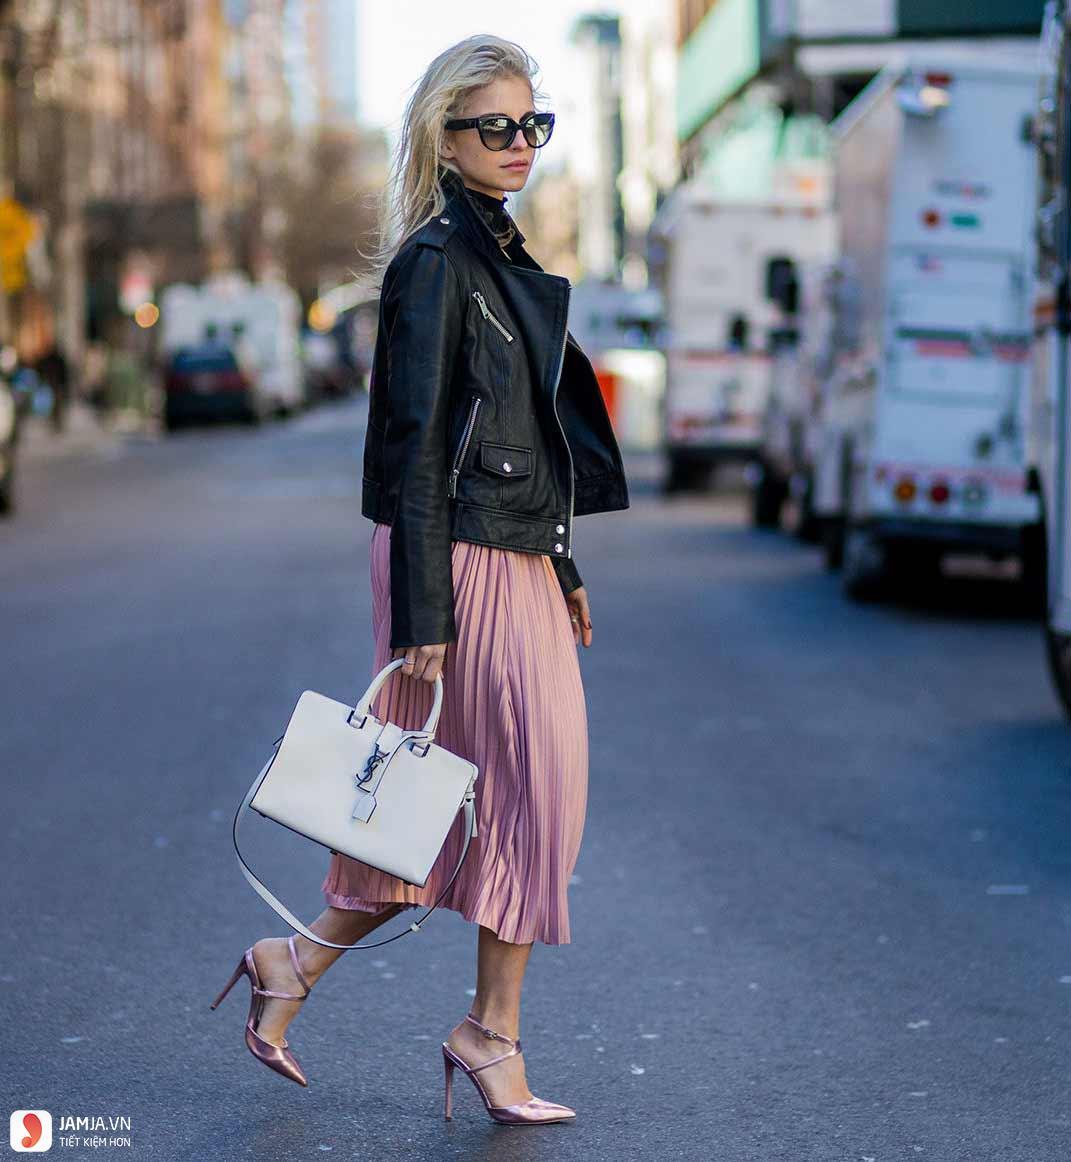 Chân váy xếp ly - Home | Facebook